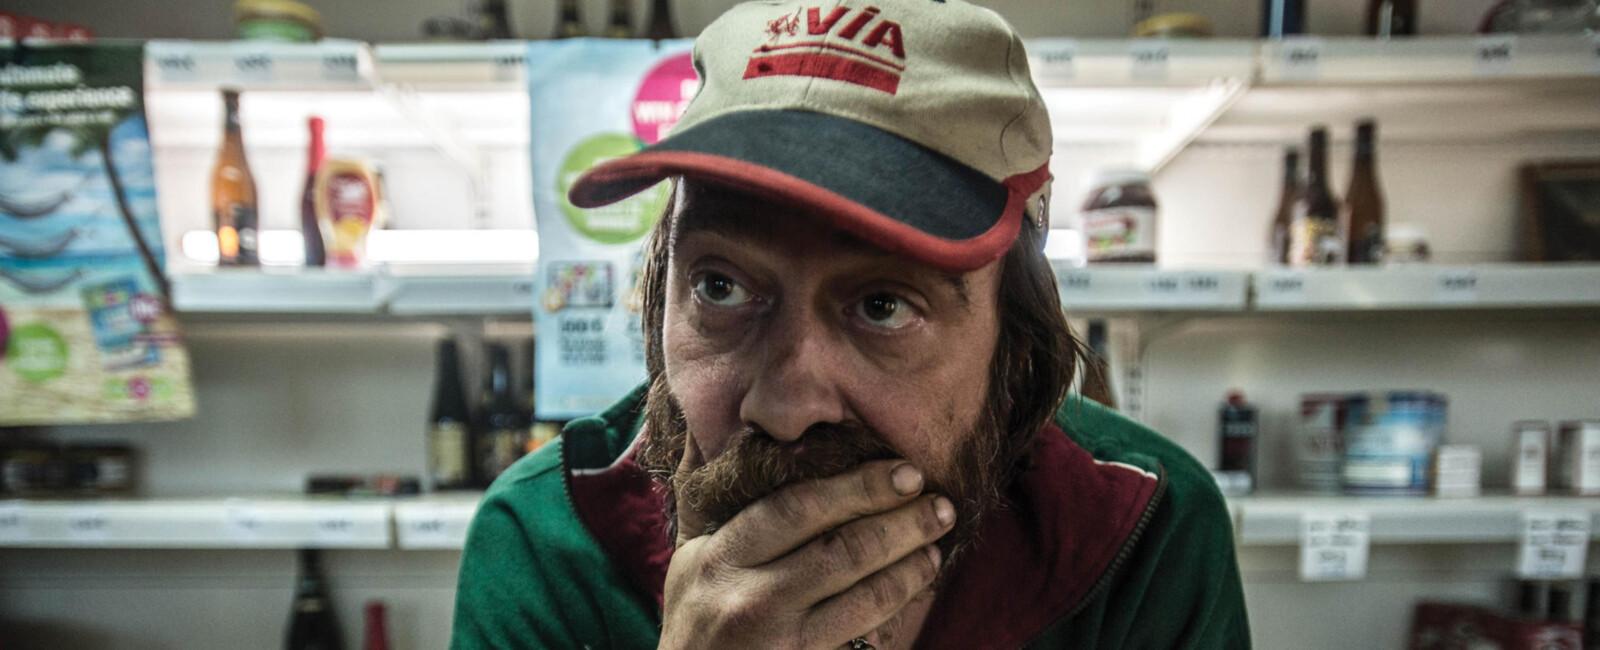 Wien For Life, Wim Willaert, Alidor Dolfing, kortfilm